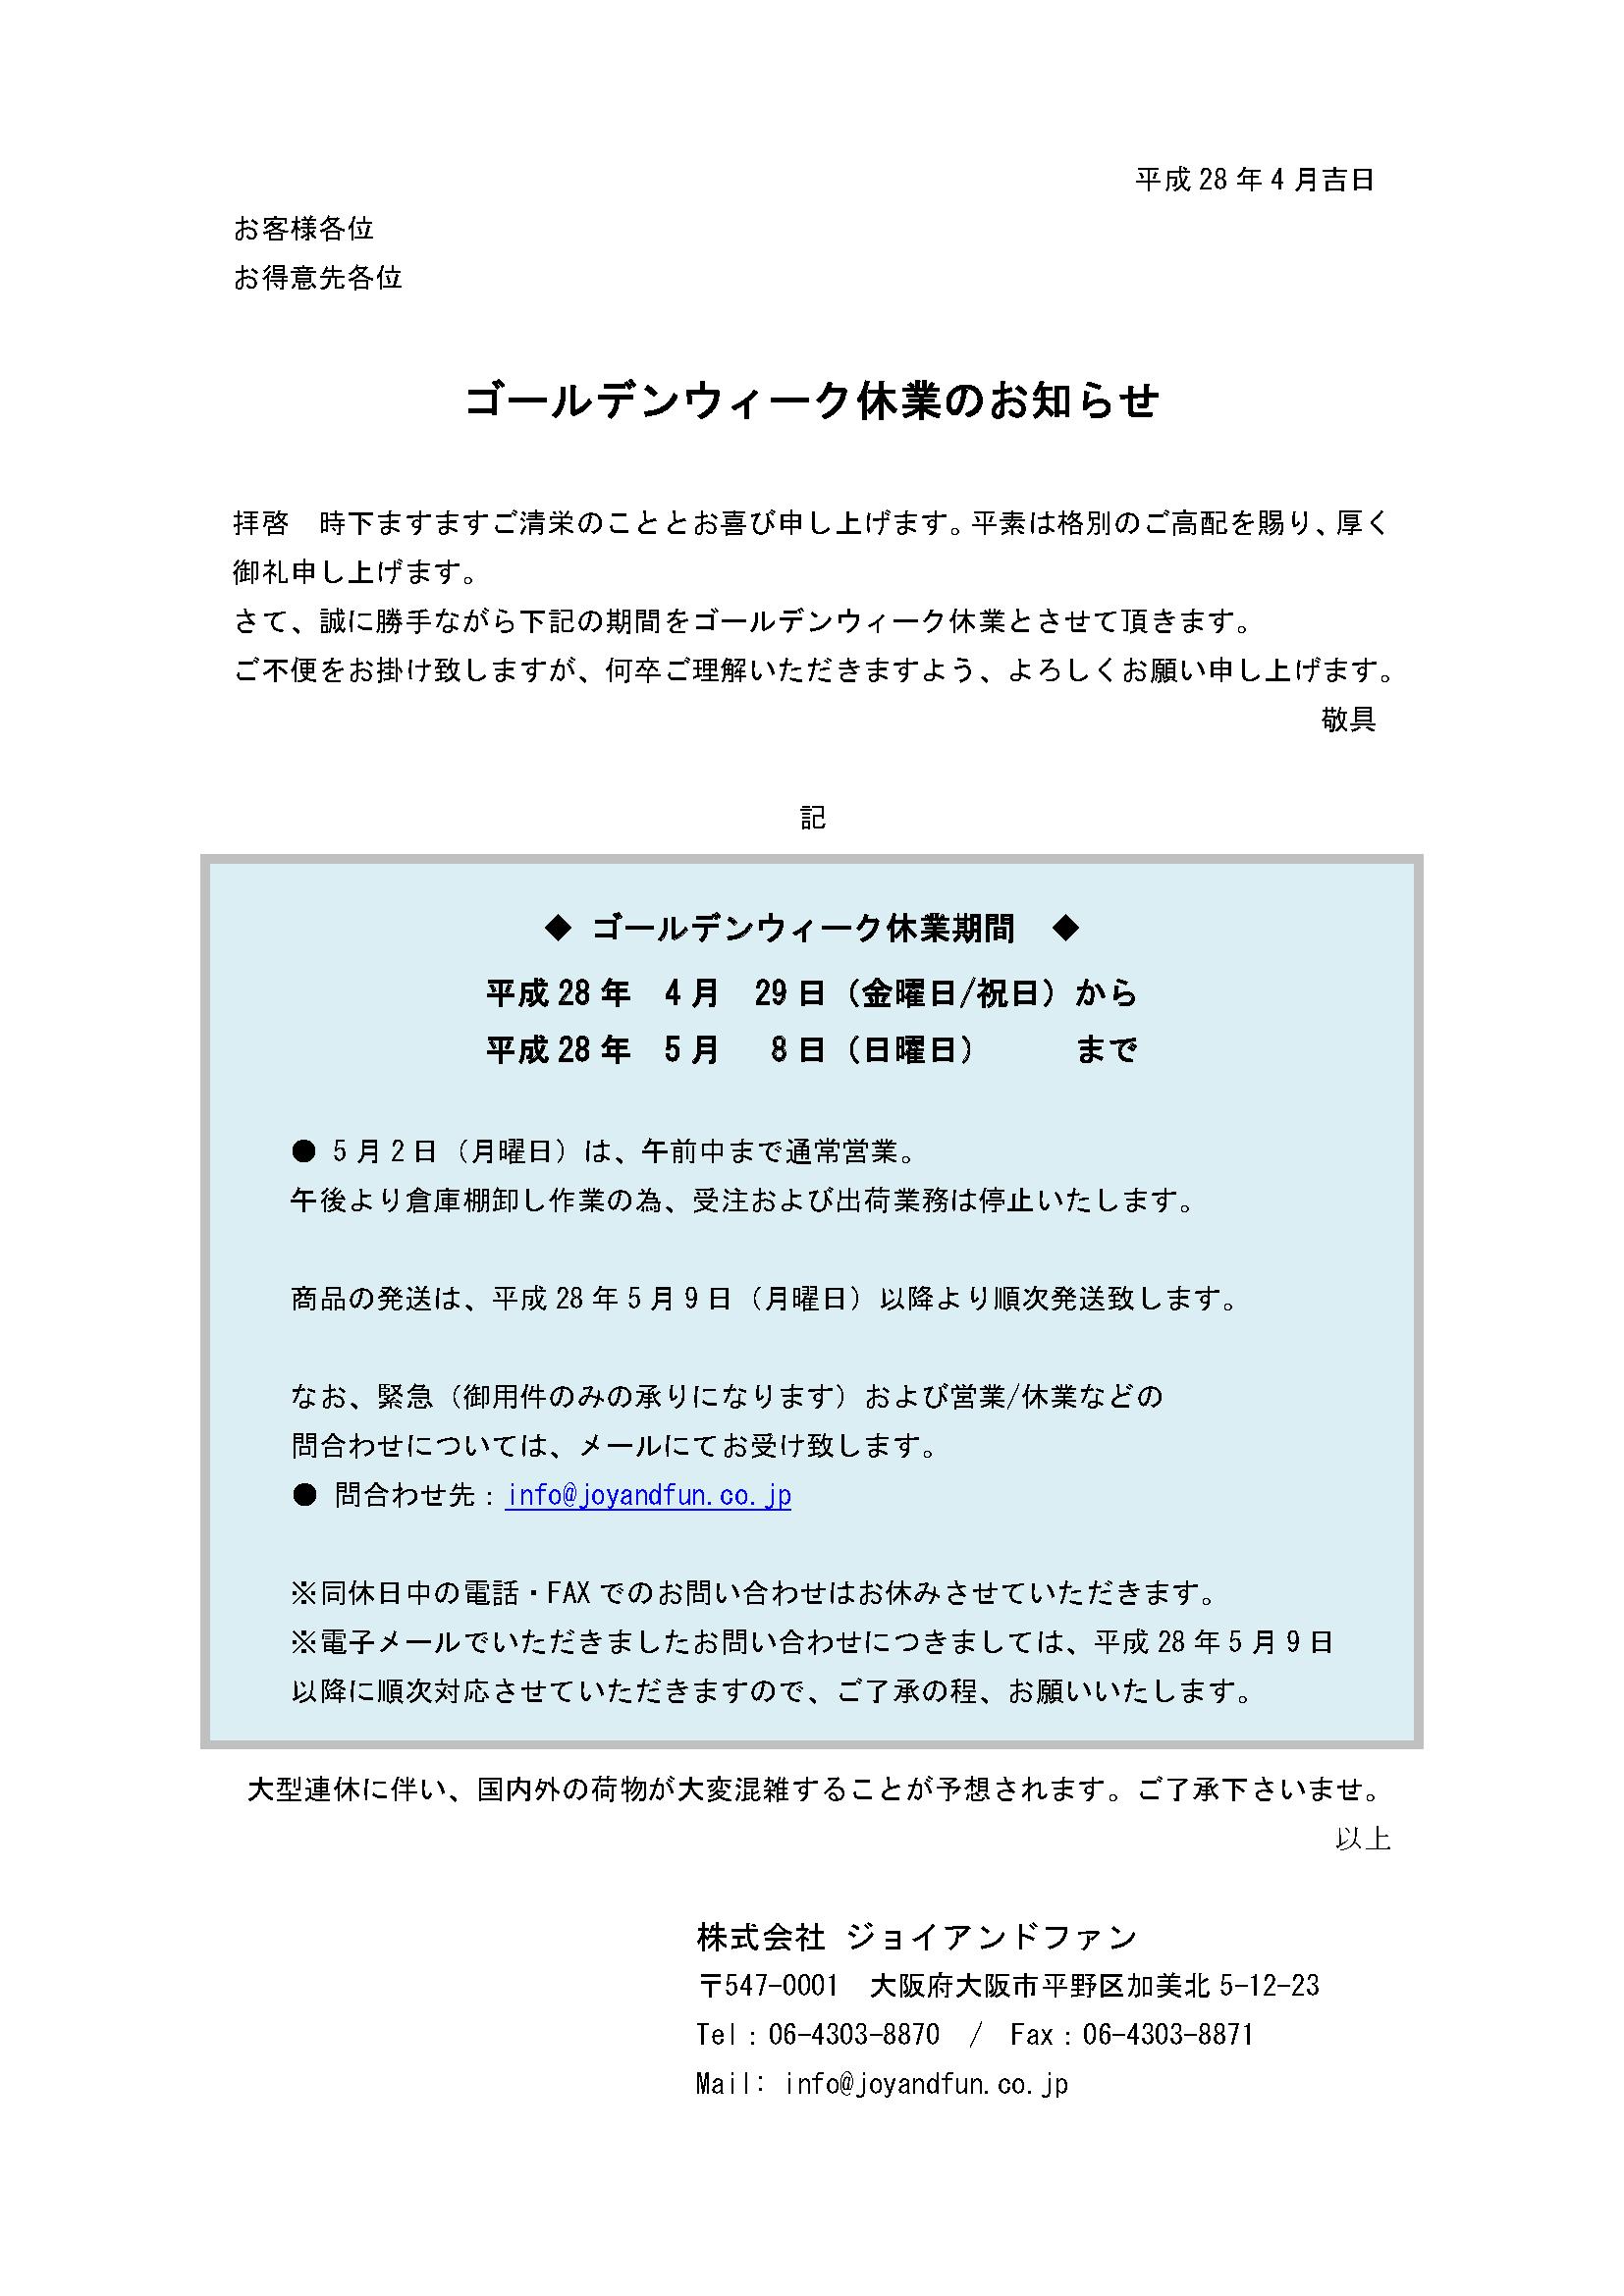 2016_5 J&F GW休業のお知らせ